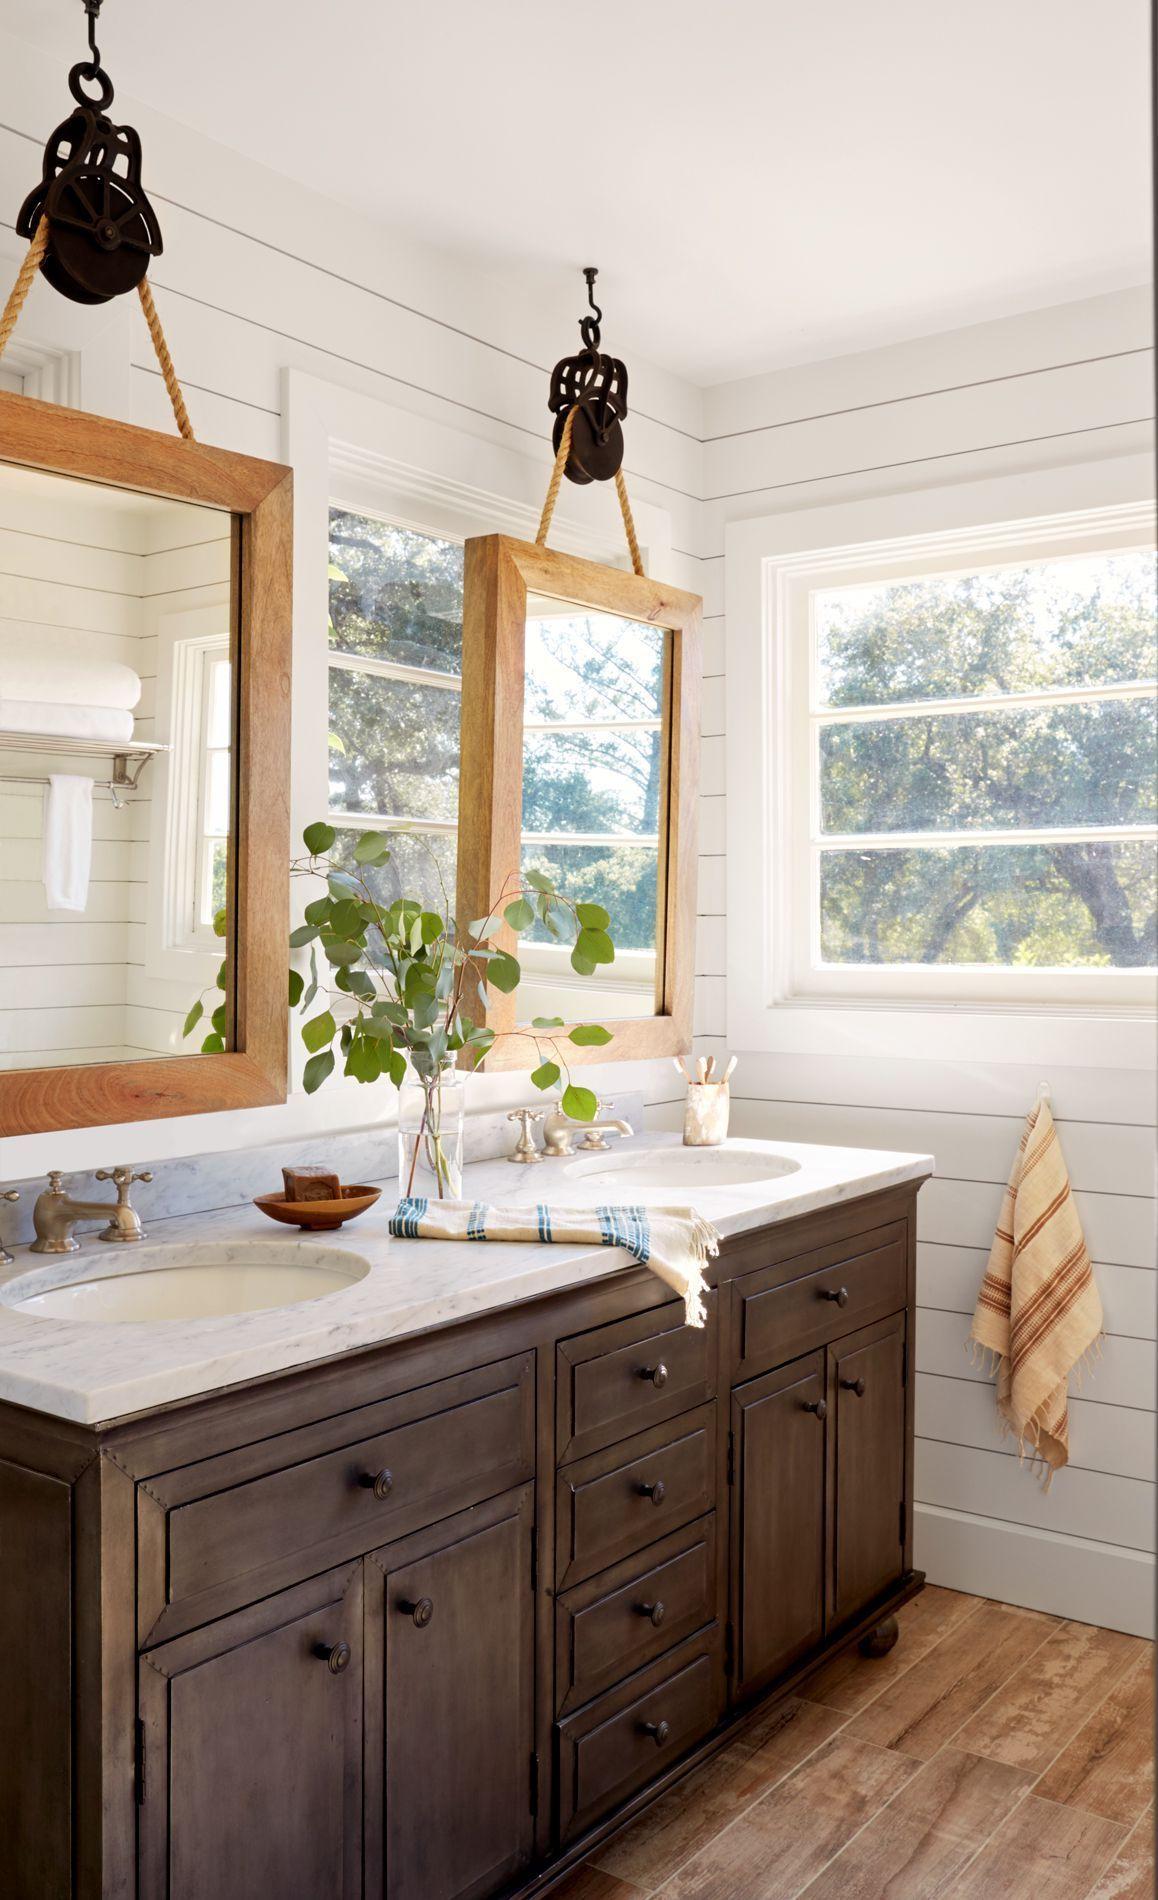 Traditionelle Badezimmer Deko Ideen Schritt In Den Luxus Eines 4